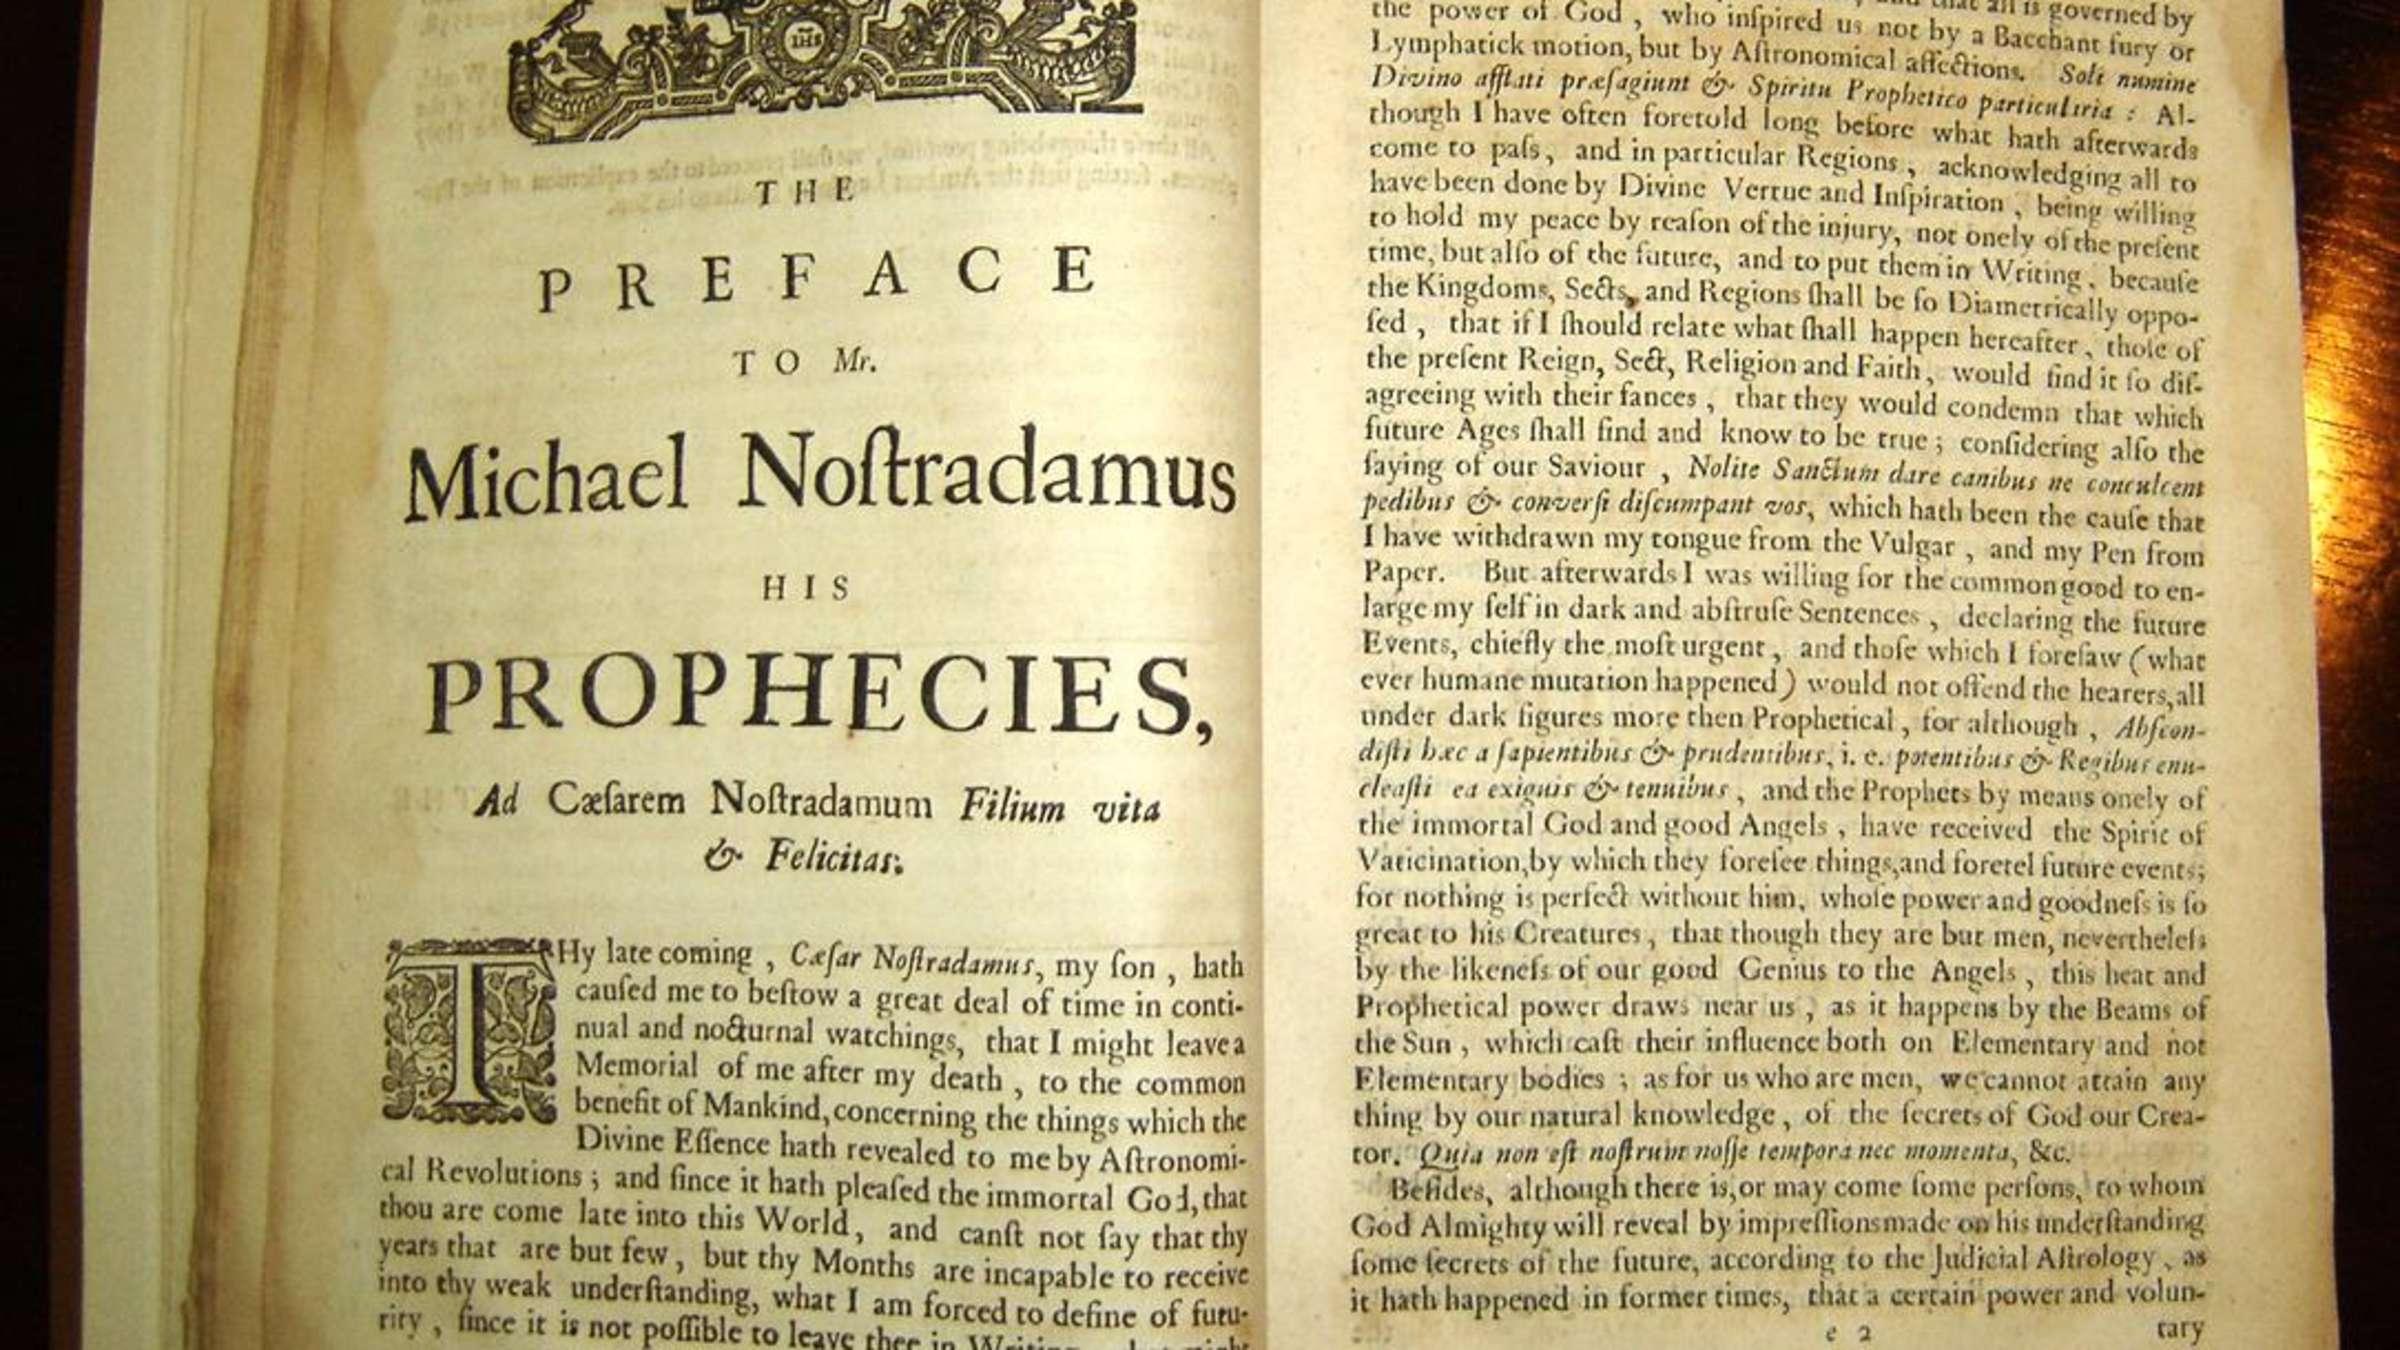 nostradamus prophezeiungen liste